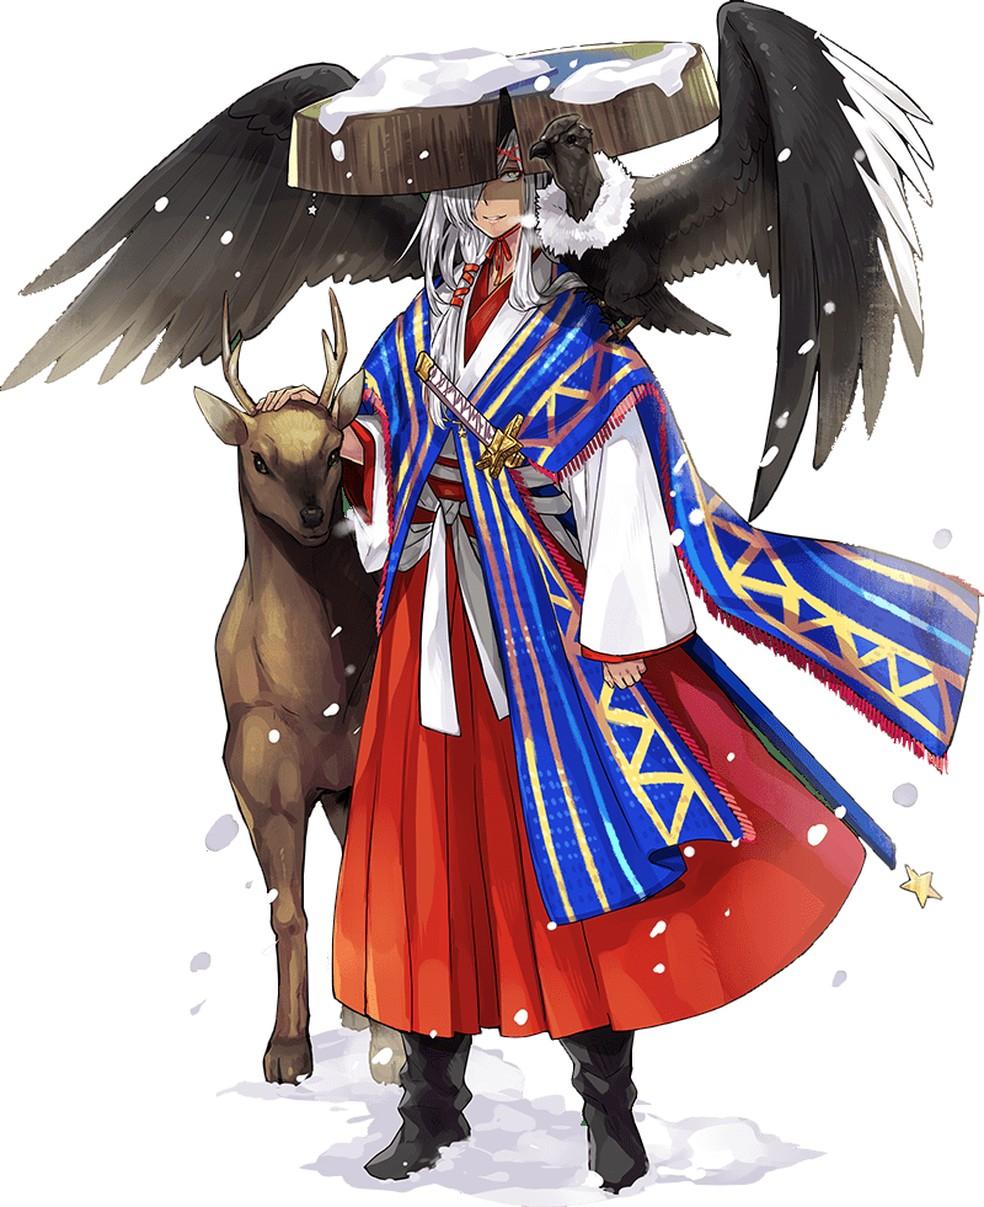 Samurai do Chile, Sa-Sa traz condor, ave símbolo do país, nos ombros — Foto: Divulgação/World Flags